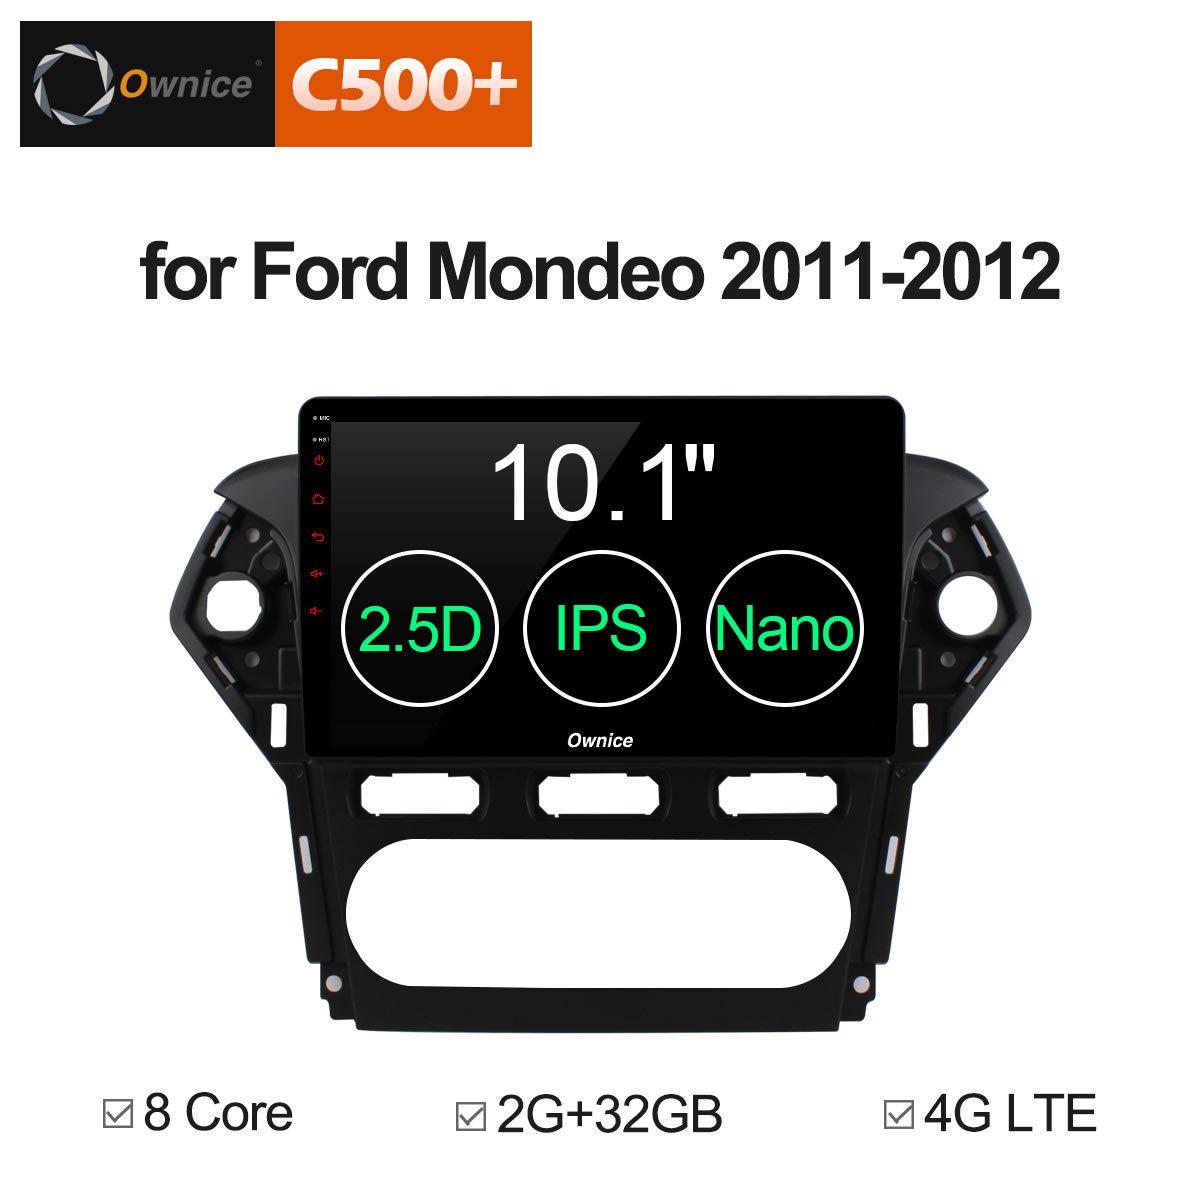 Ownice C500+ G10 10.1